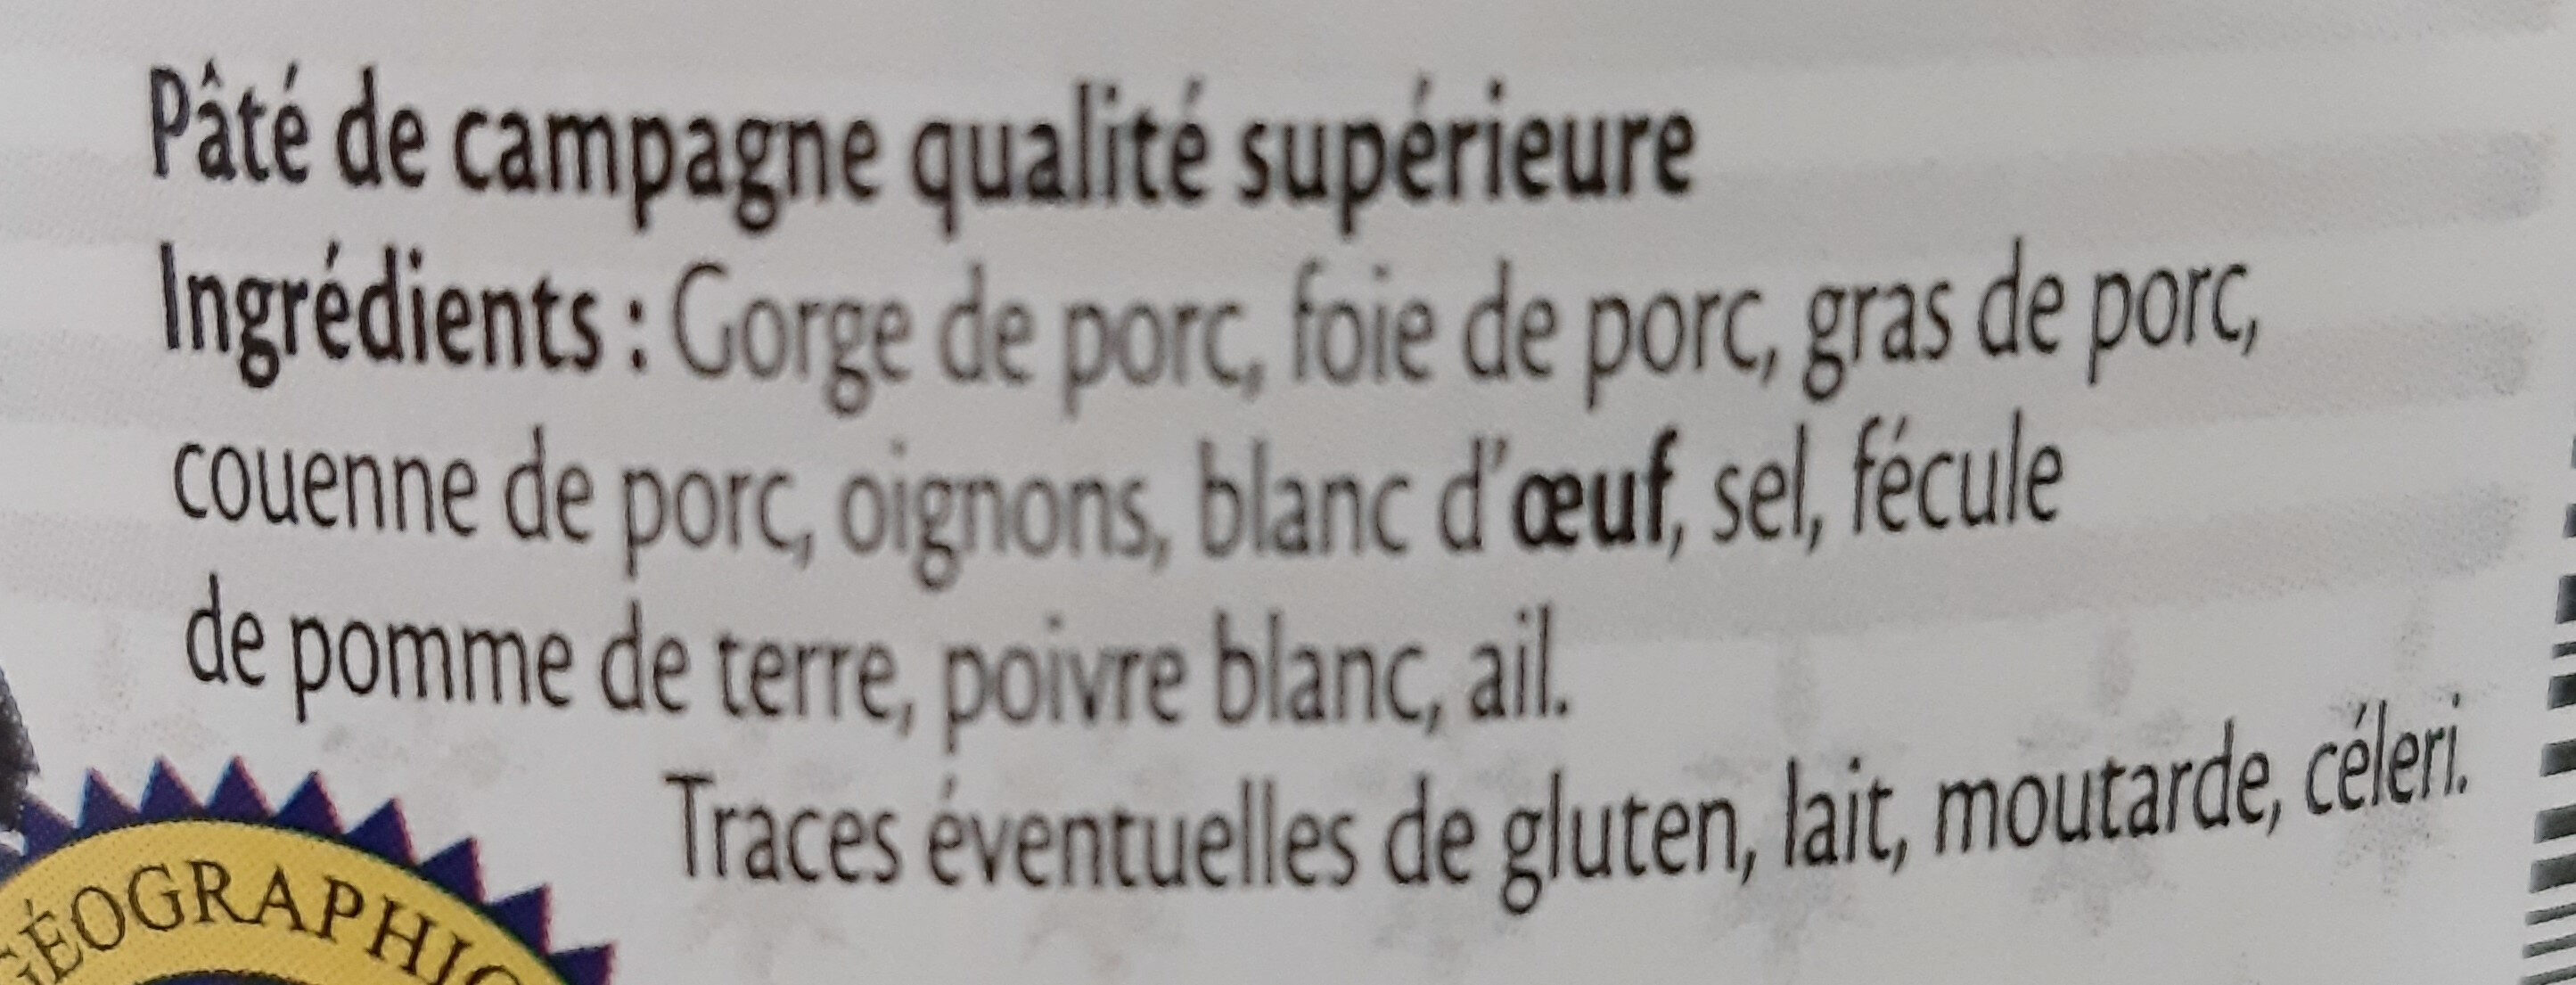 Terrine bretonne pur porc IGP - Ingrédients - fr